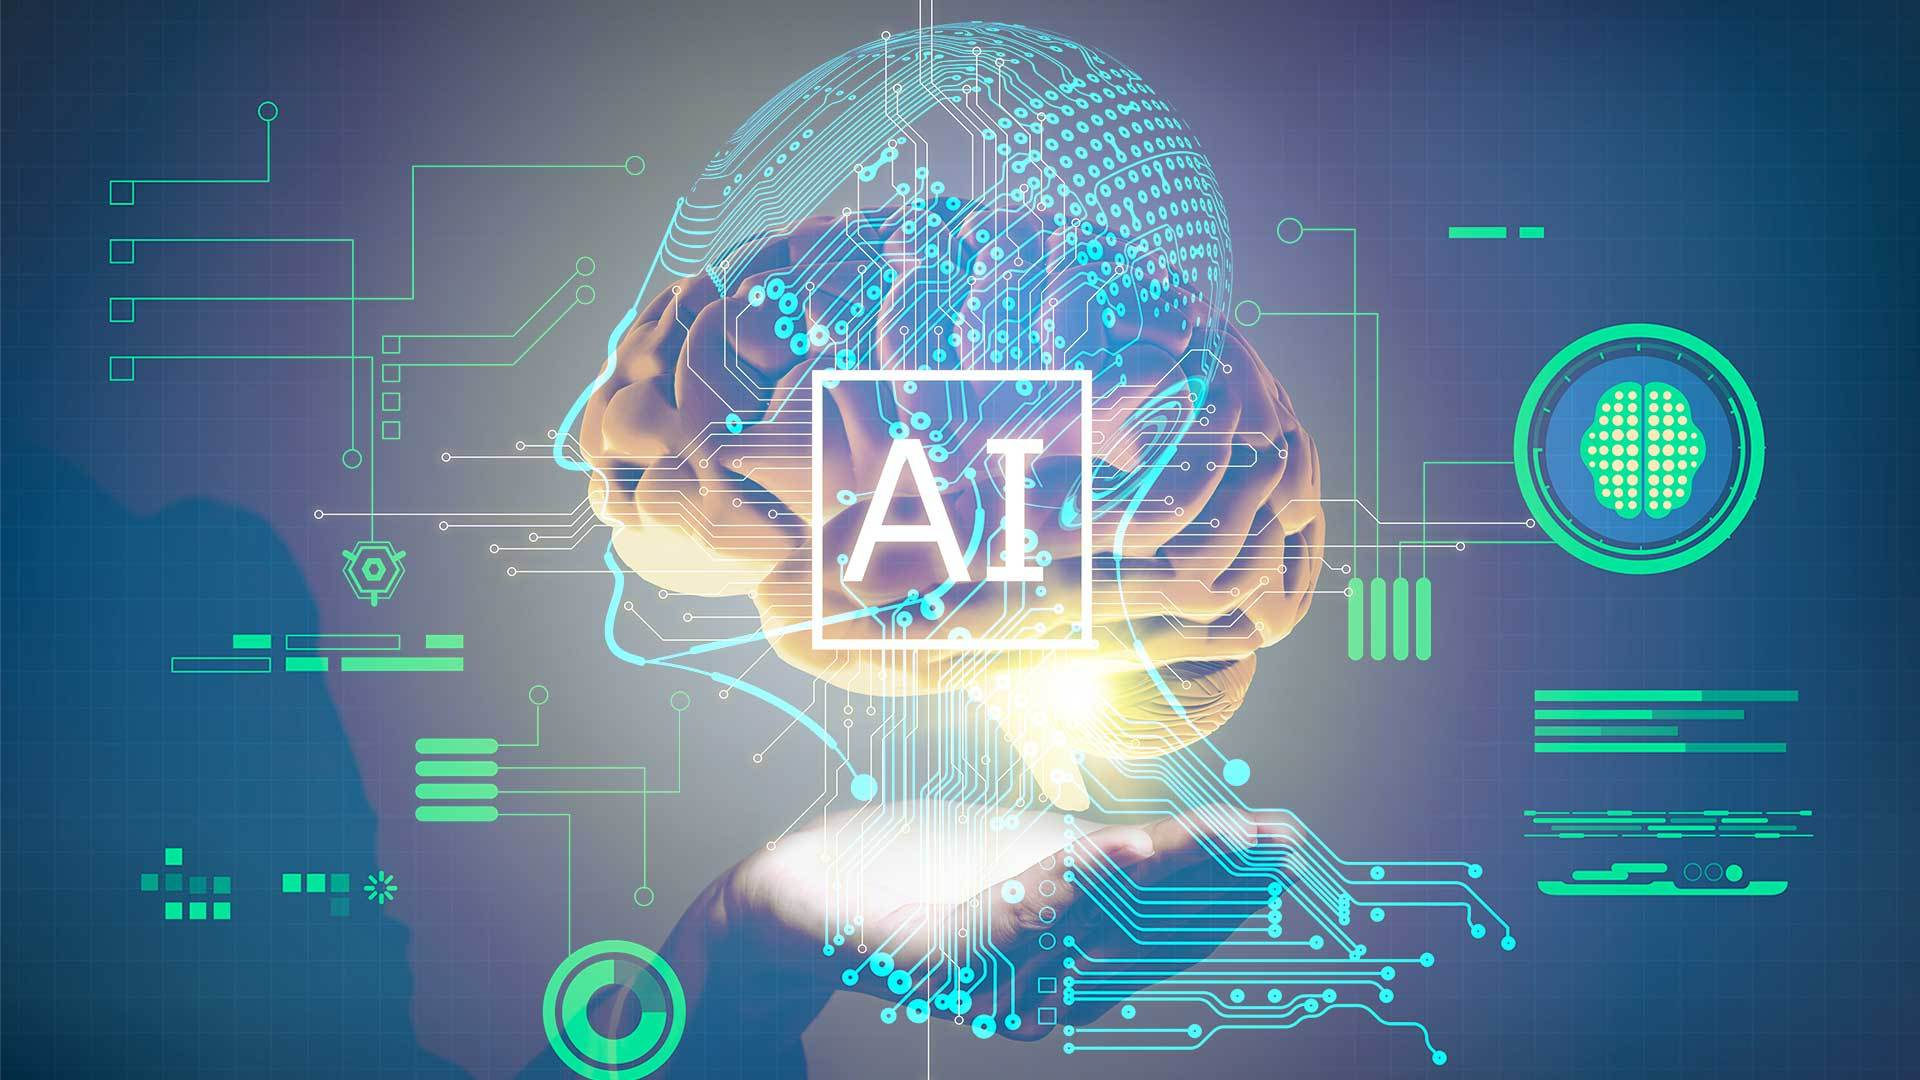 چطور هوش مصنوعی میتواند بخشی از ذهن انسان شود؟